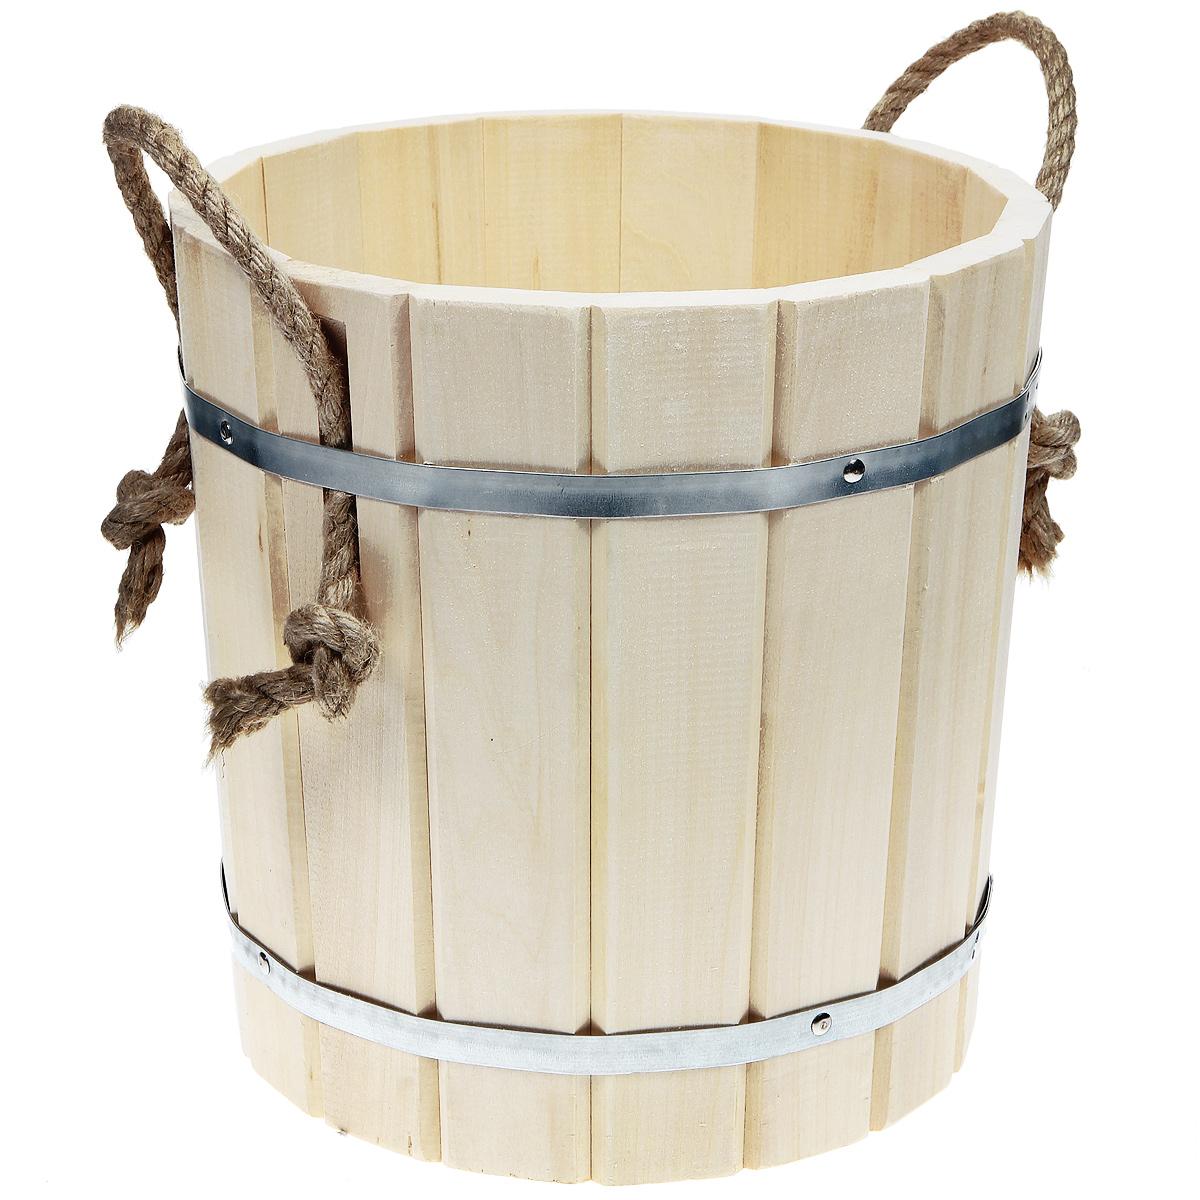 Запарник Банные штучки, с веревочными ручками, 15 лC0042416Запарник Банные штучки, изготовленный из дерева (липы), доставит вам настоящее удовольствие от банной процедуры. При запаривании веник обретает свою природную силу и сохраняет полезные свойства. Корпус запарника состоит из металлических обручей, стянутых клепками. Для более удобного использования запарник имеет веревочные ручки. Интересная штука - баня. Место, где одинаково хорошо и в компании, и в одиночестве. Перекресток, казалось бы, разных направлений - общение и здоровье. Приятное и полезное. И всегда в позитиве. Характеристики:Материал: дерево (липа), металл. Высота запарника: 32 см. Диаметр запарника по верхнему краю: 31 см. Объем: 15 л. Артикул: 32017.